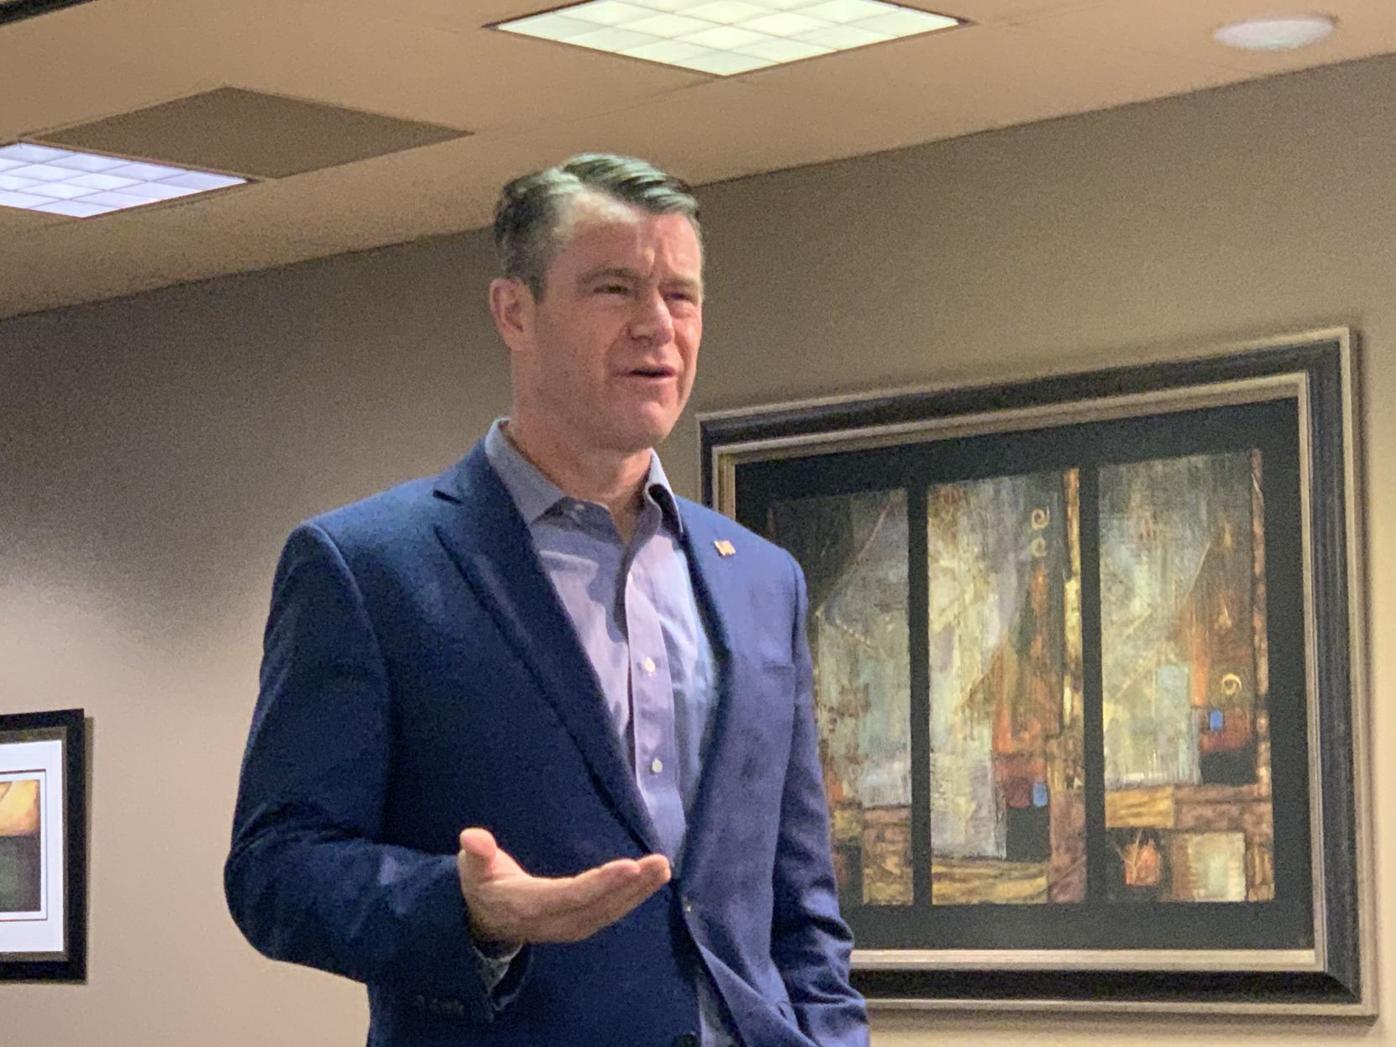 U.S. Sen. Todd Young speaks to economic leaders